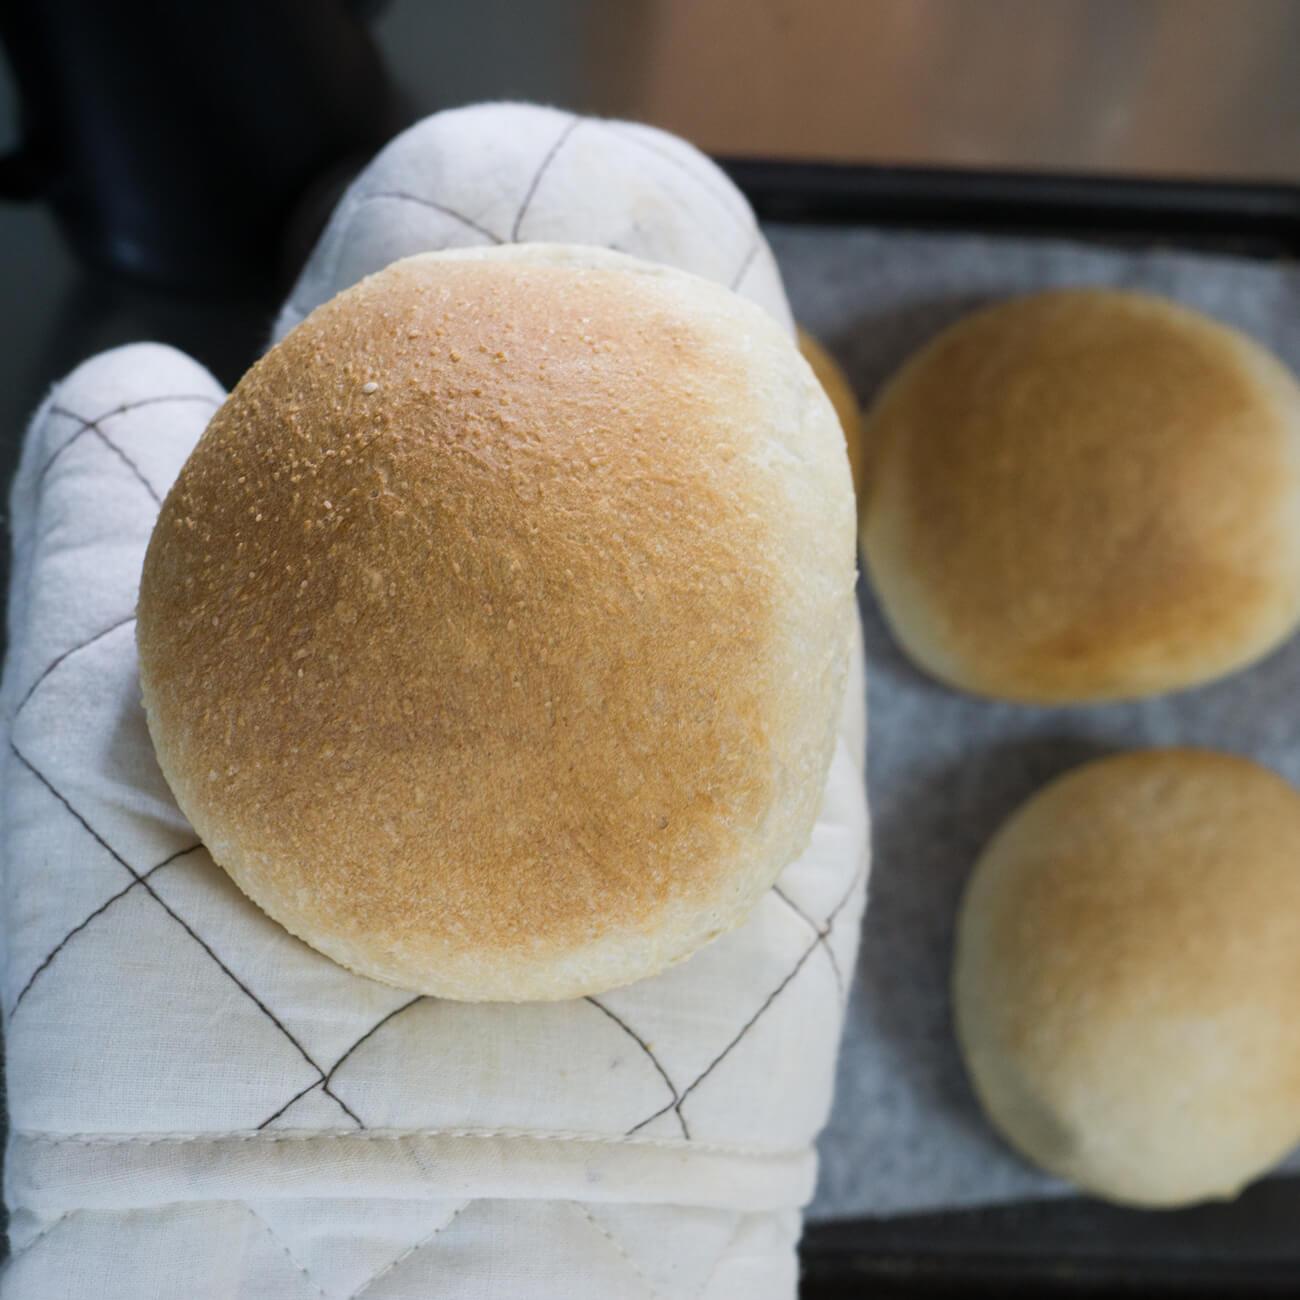 焼きたてのパン 手のひらに乗せて 屋久島日々の暮らしとジュエリー